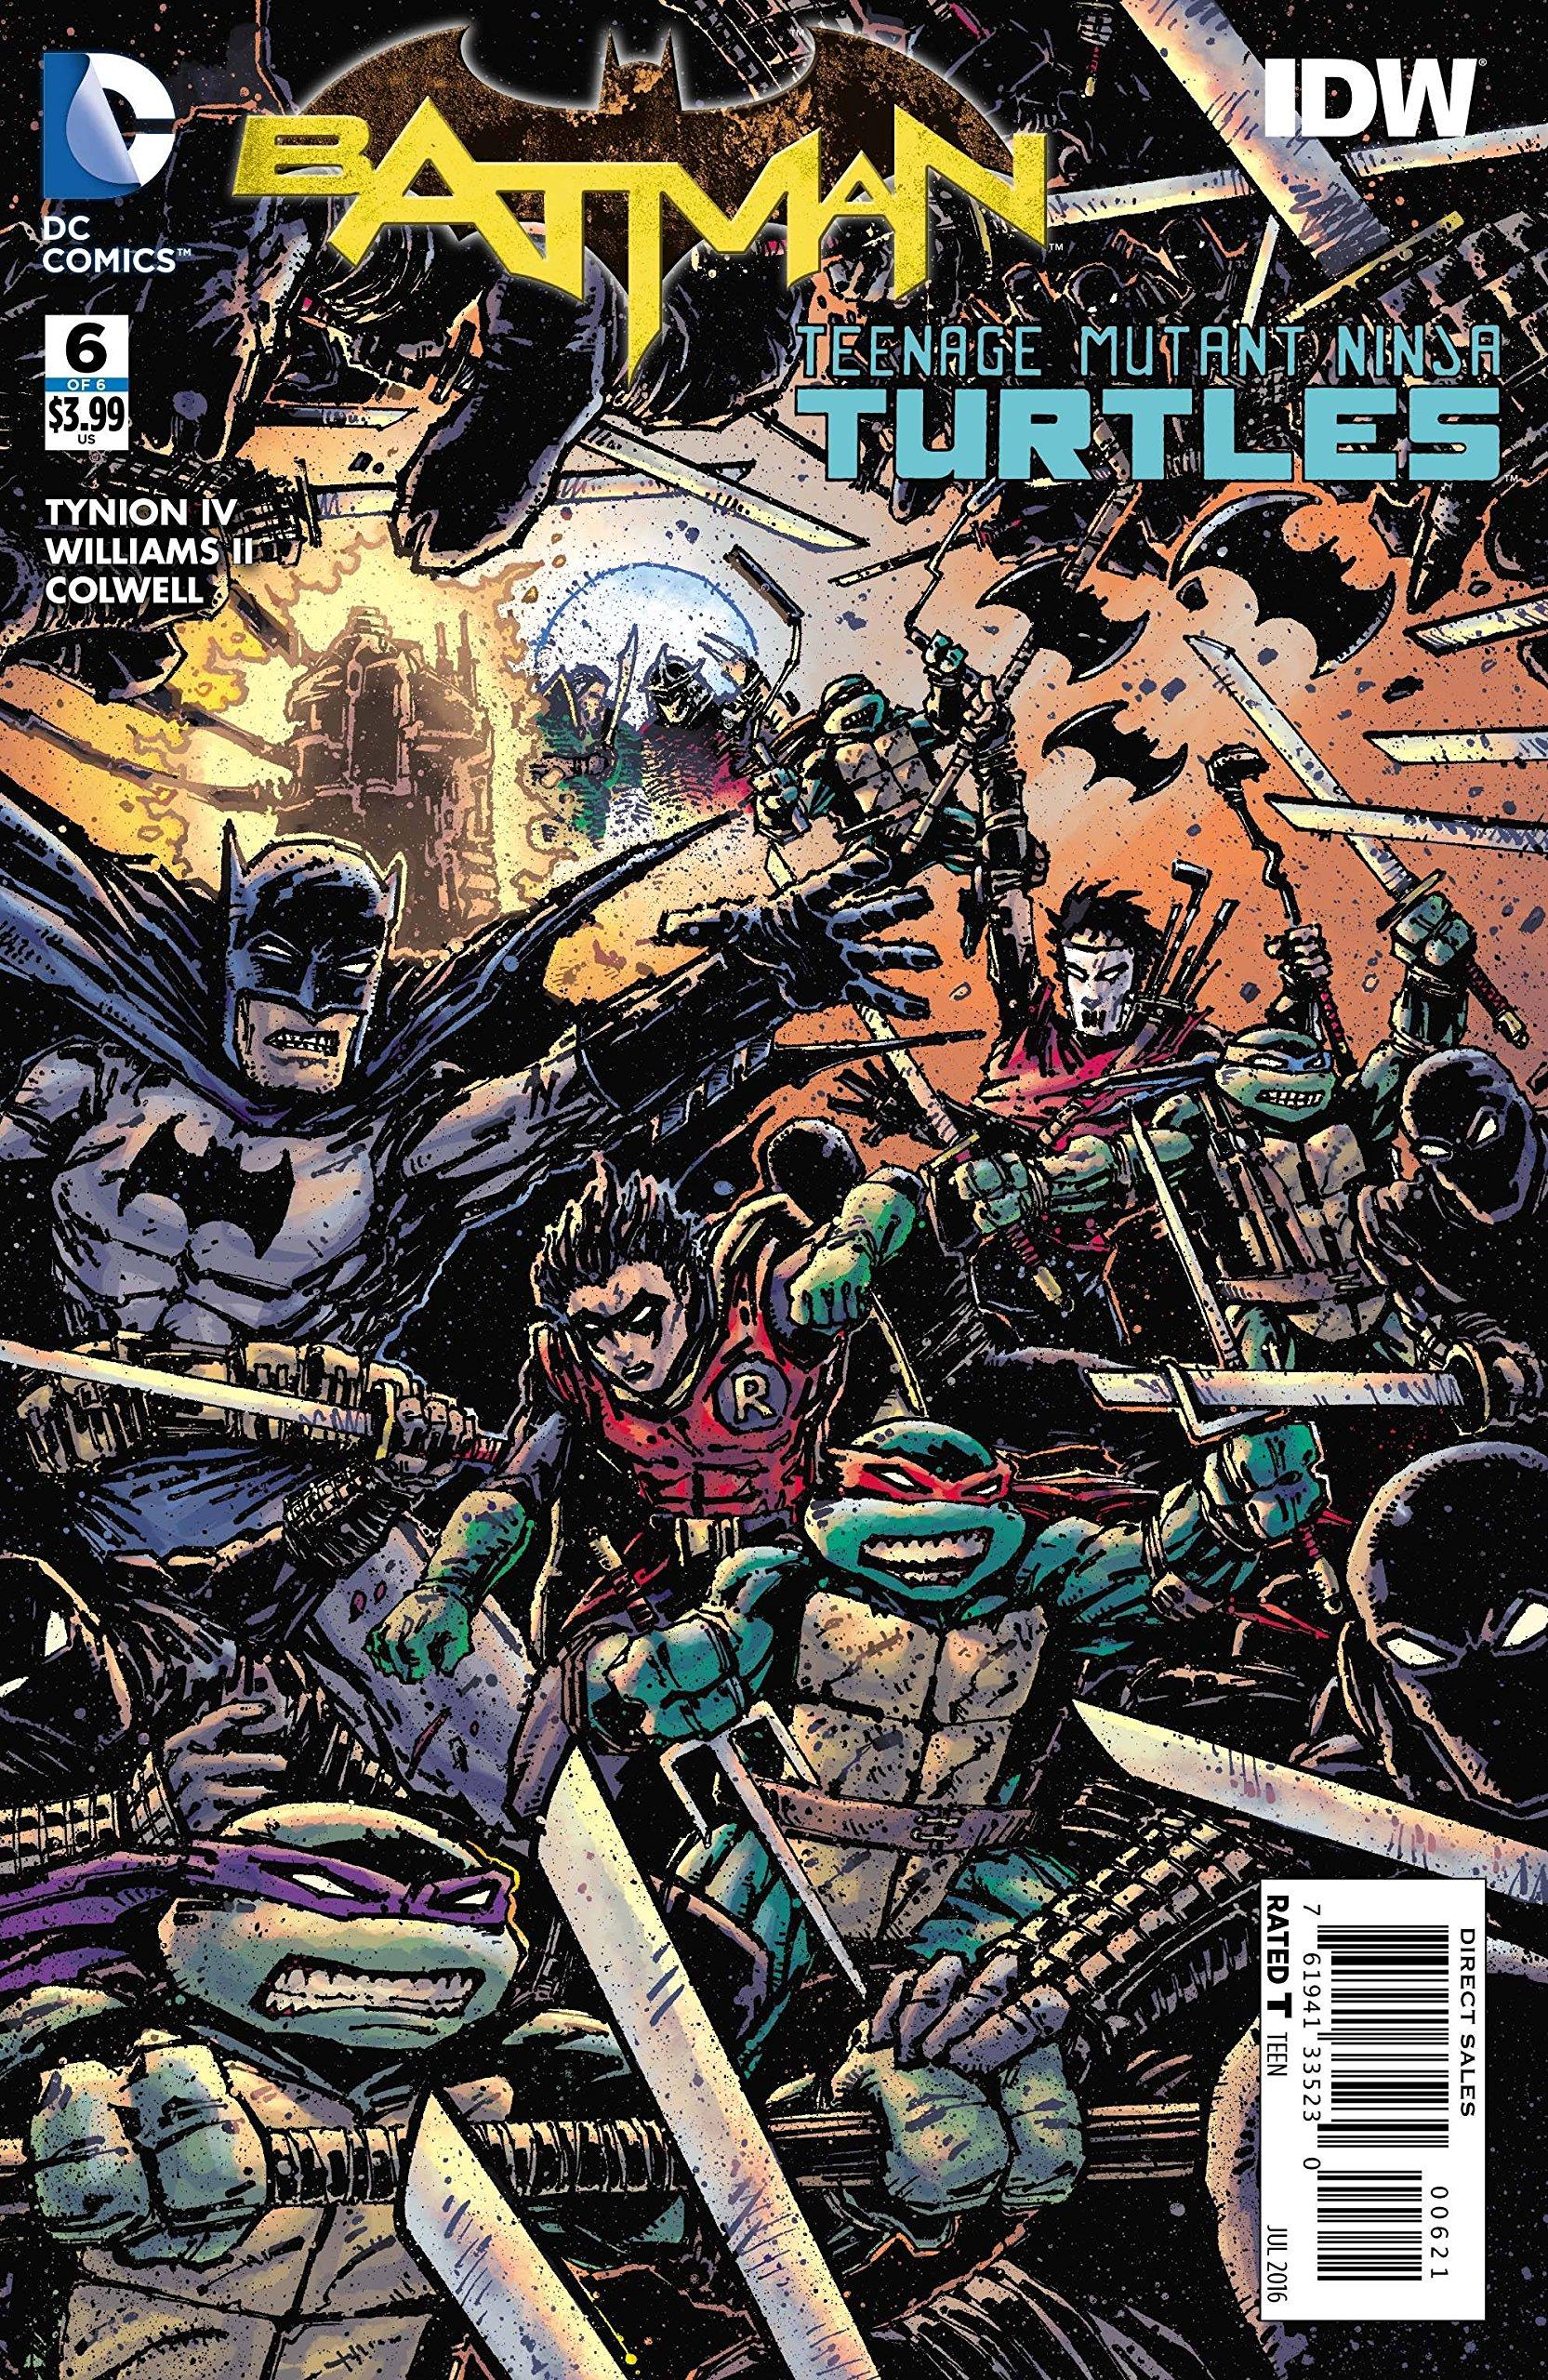 Batman Teenage Mutant Ninja Turtles #6 Variant: DC Comics ...